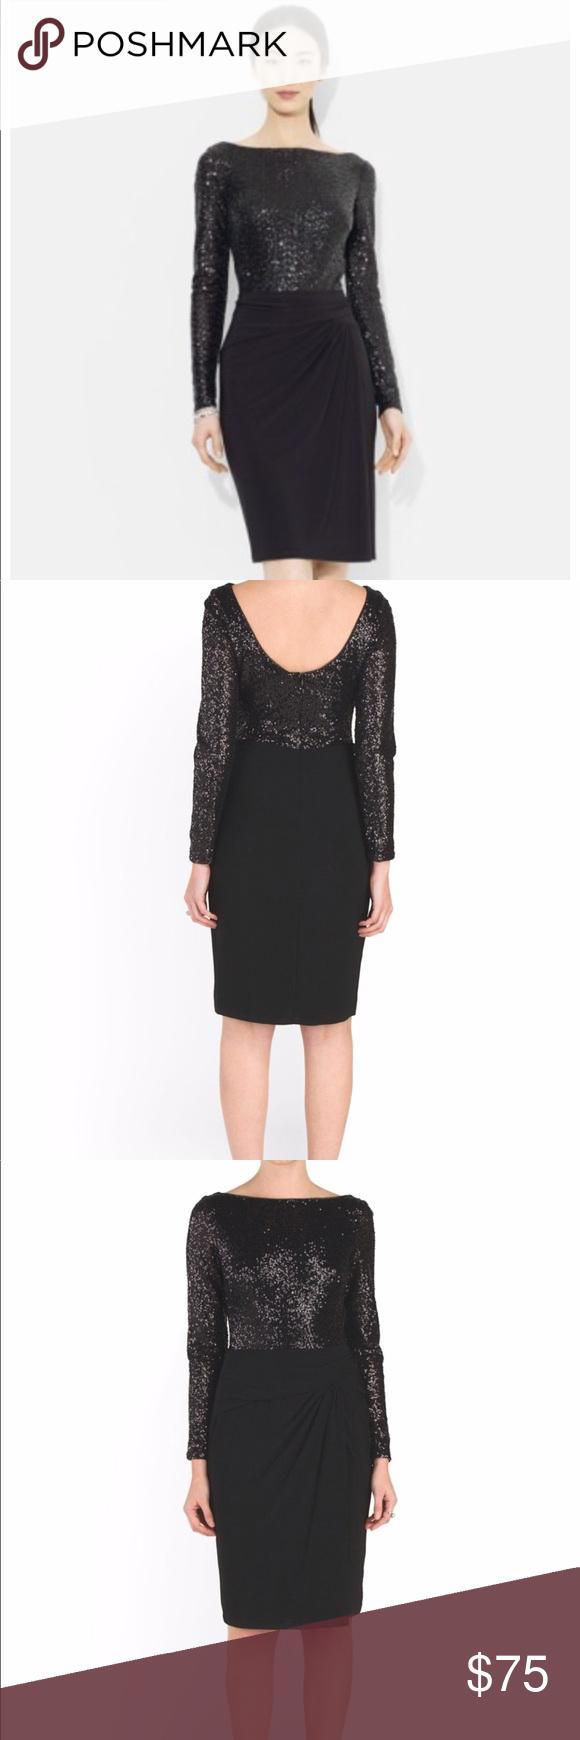 Ralph lauren evening dress nwt long sleeve evening dresses retail